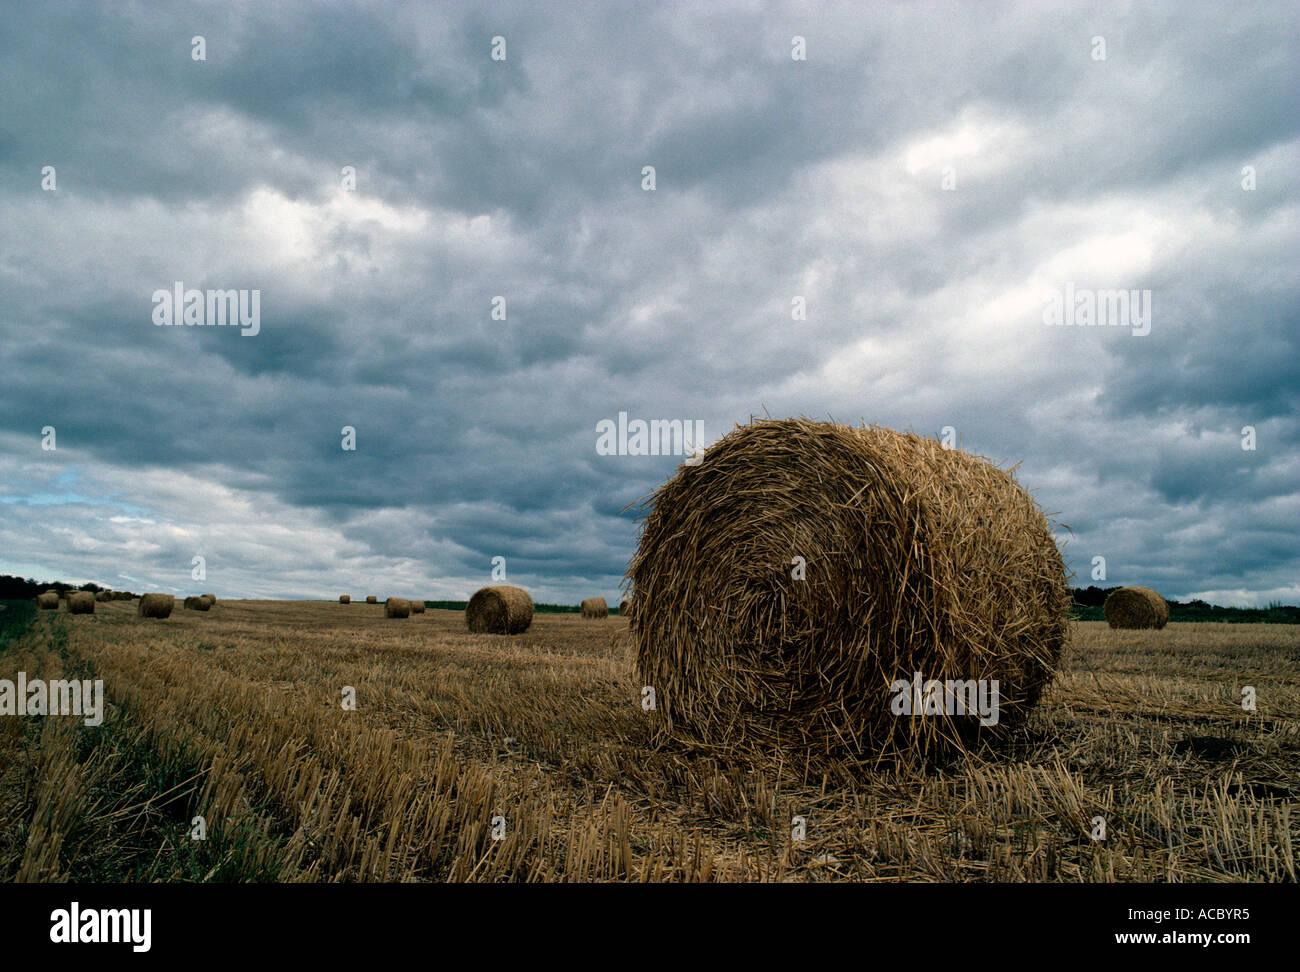 Los fardos de paja y cortar campo de trigo Foto de stock